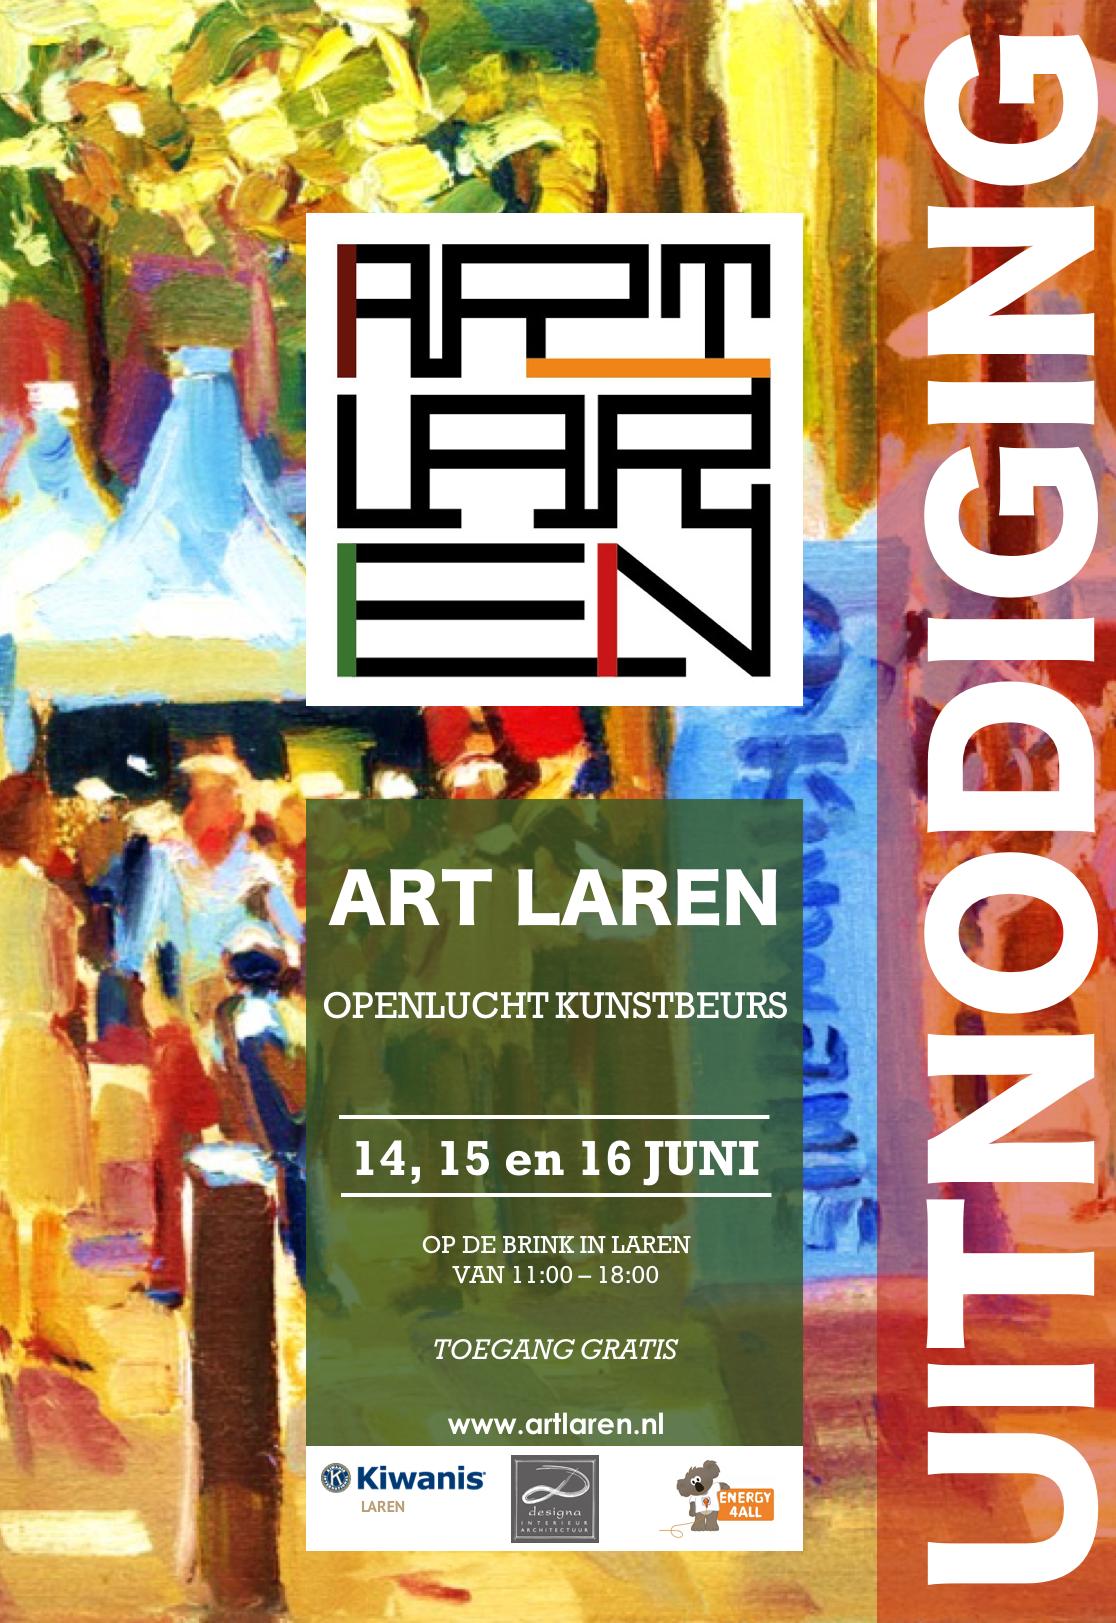 /imagecache/download/uploads/2020/05/art-laren-uitnodiging-fp.png